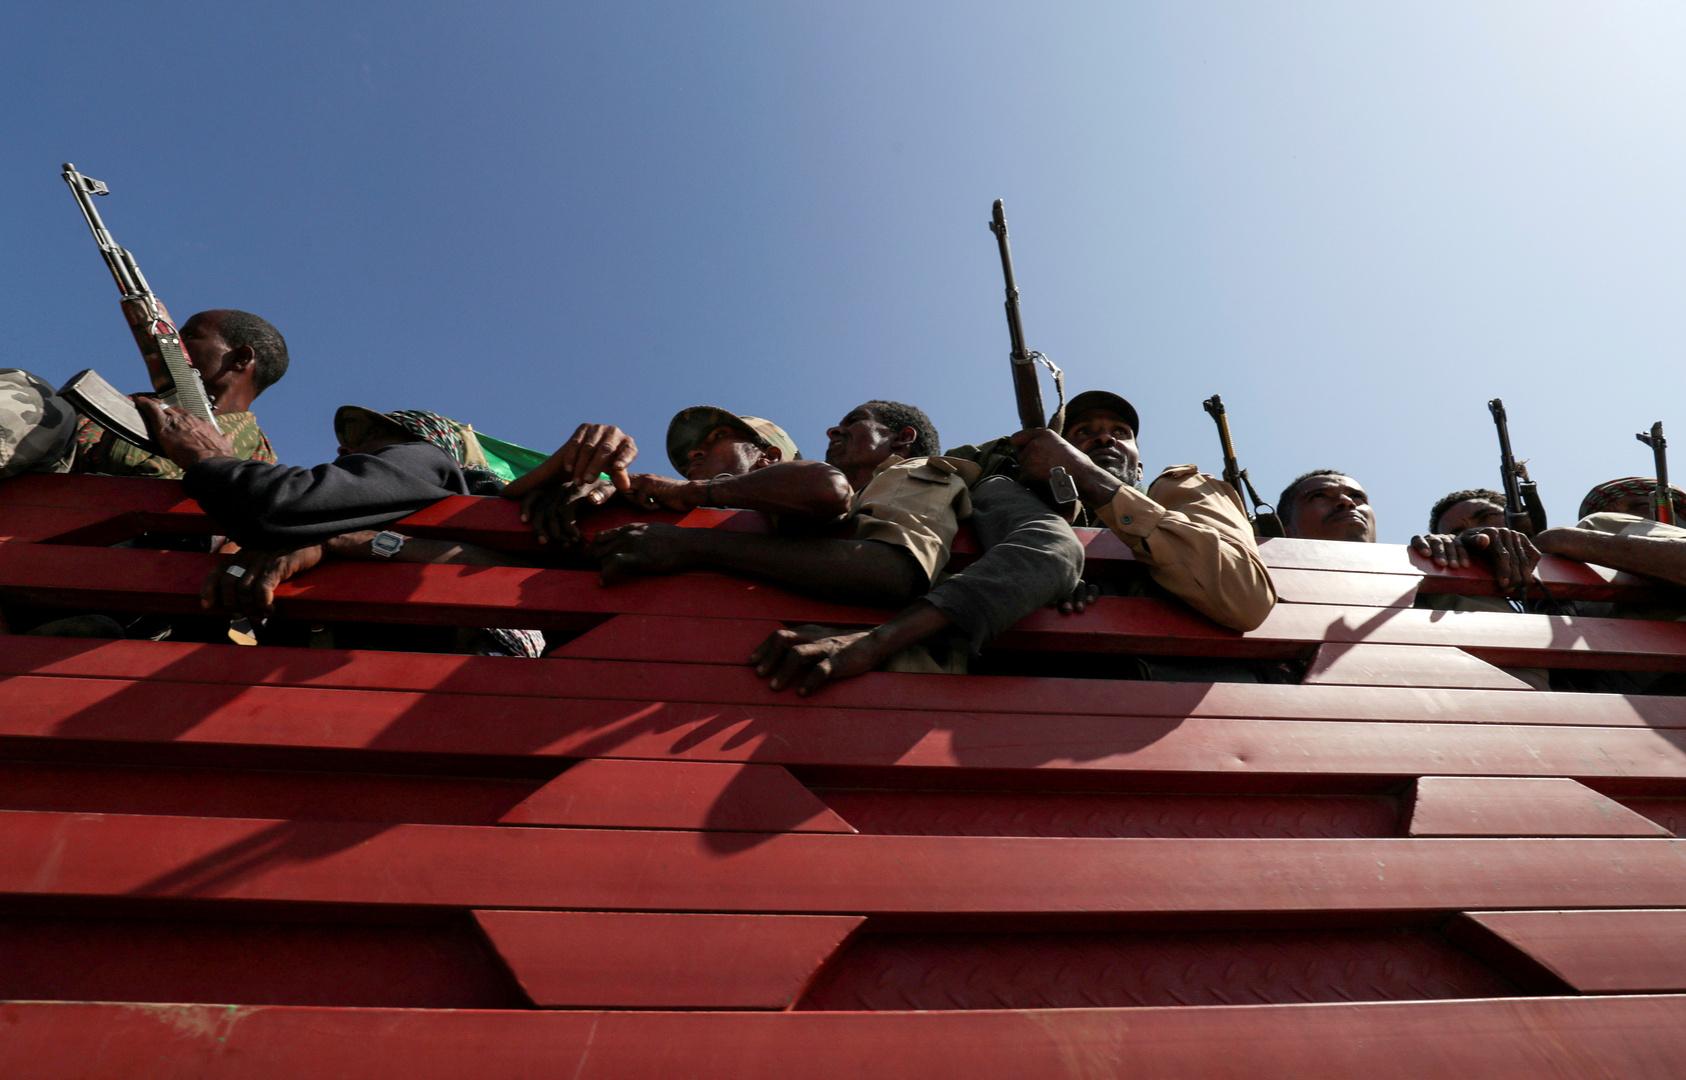 إثيوبيا.. حكومة أمهرة تعلن عن شن هجوم جديد ضد متمردي تغراي